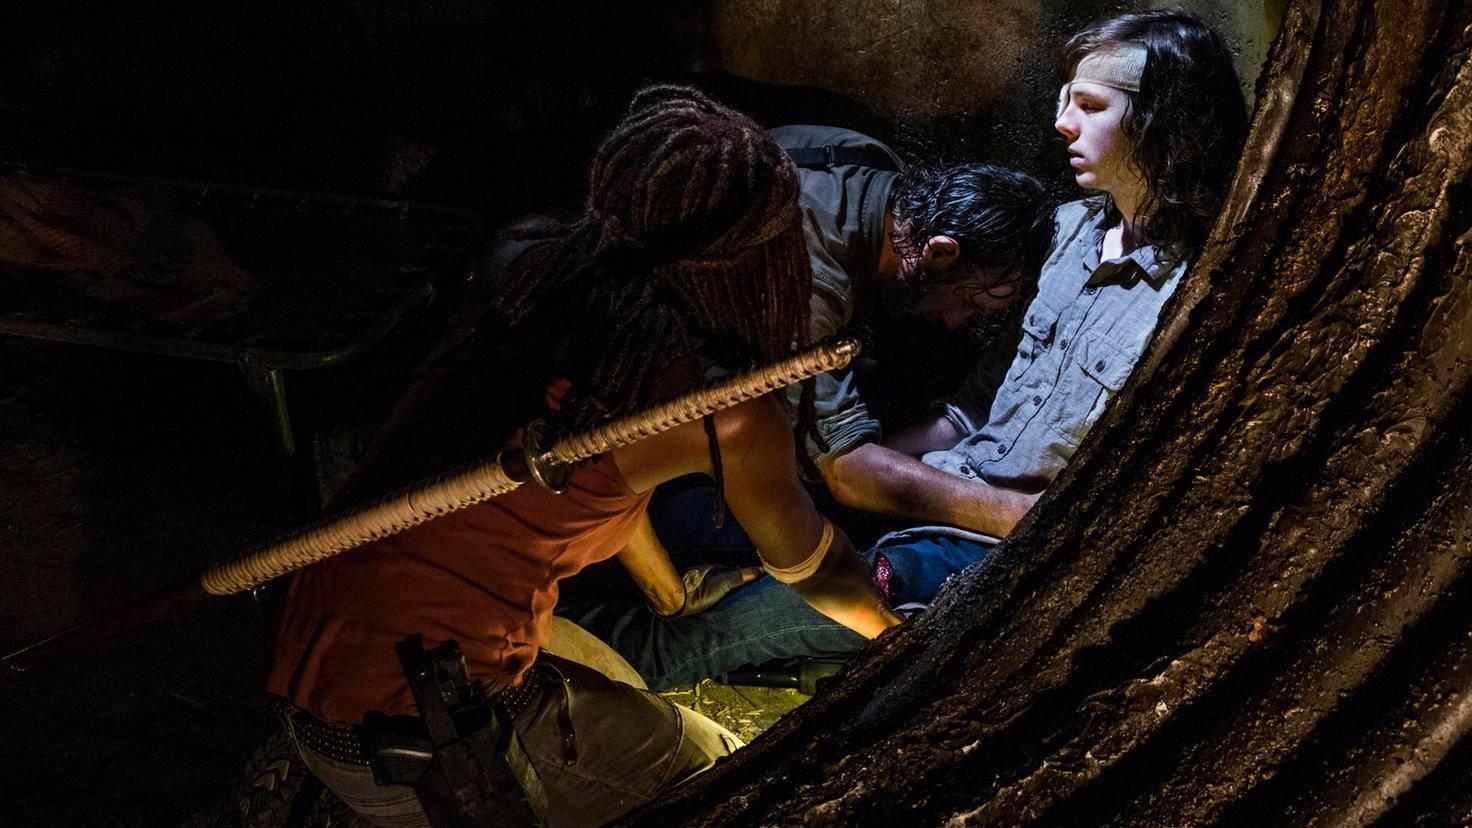 Rick und Michonne sind von der Offenbarung sichtlich getroffen.